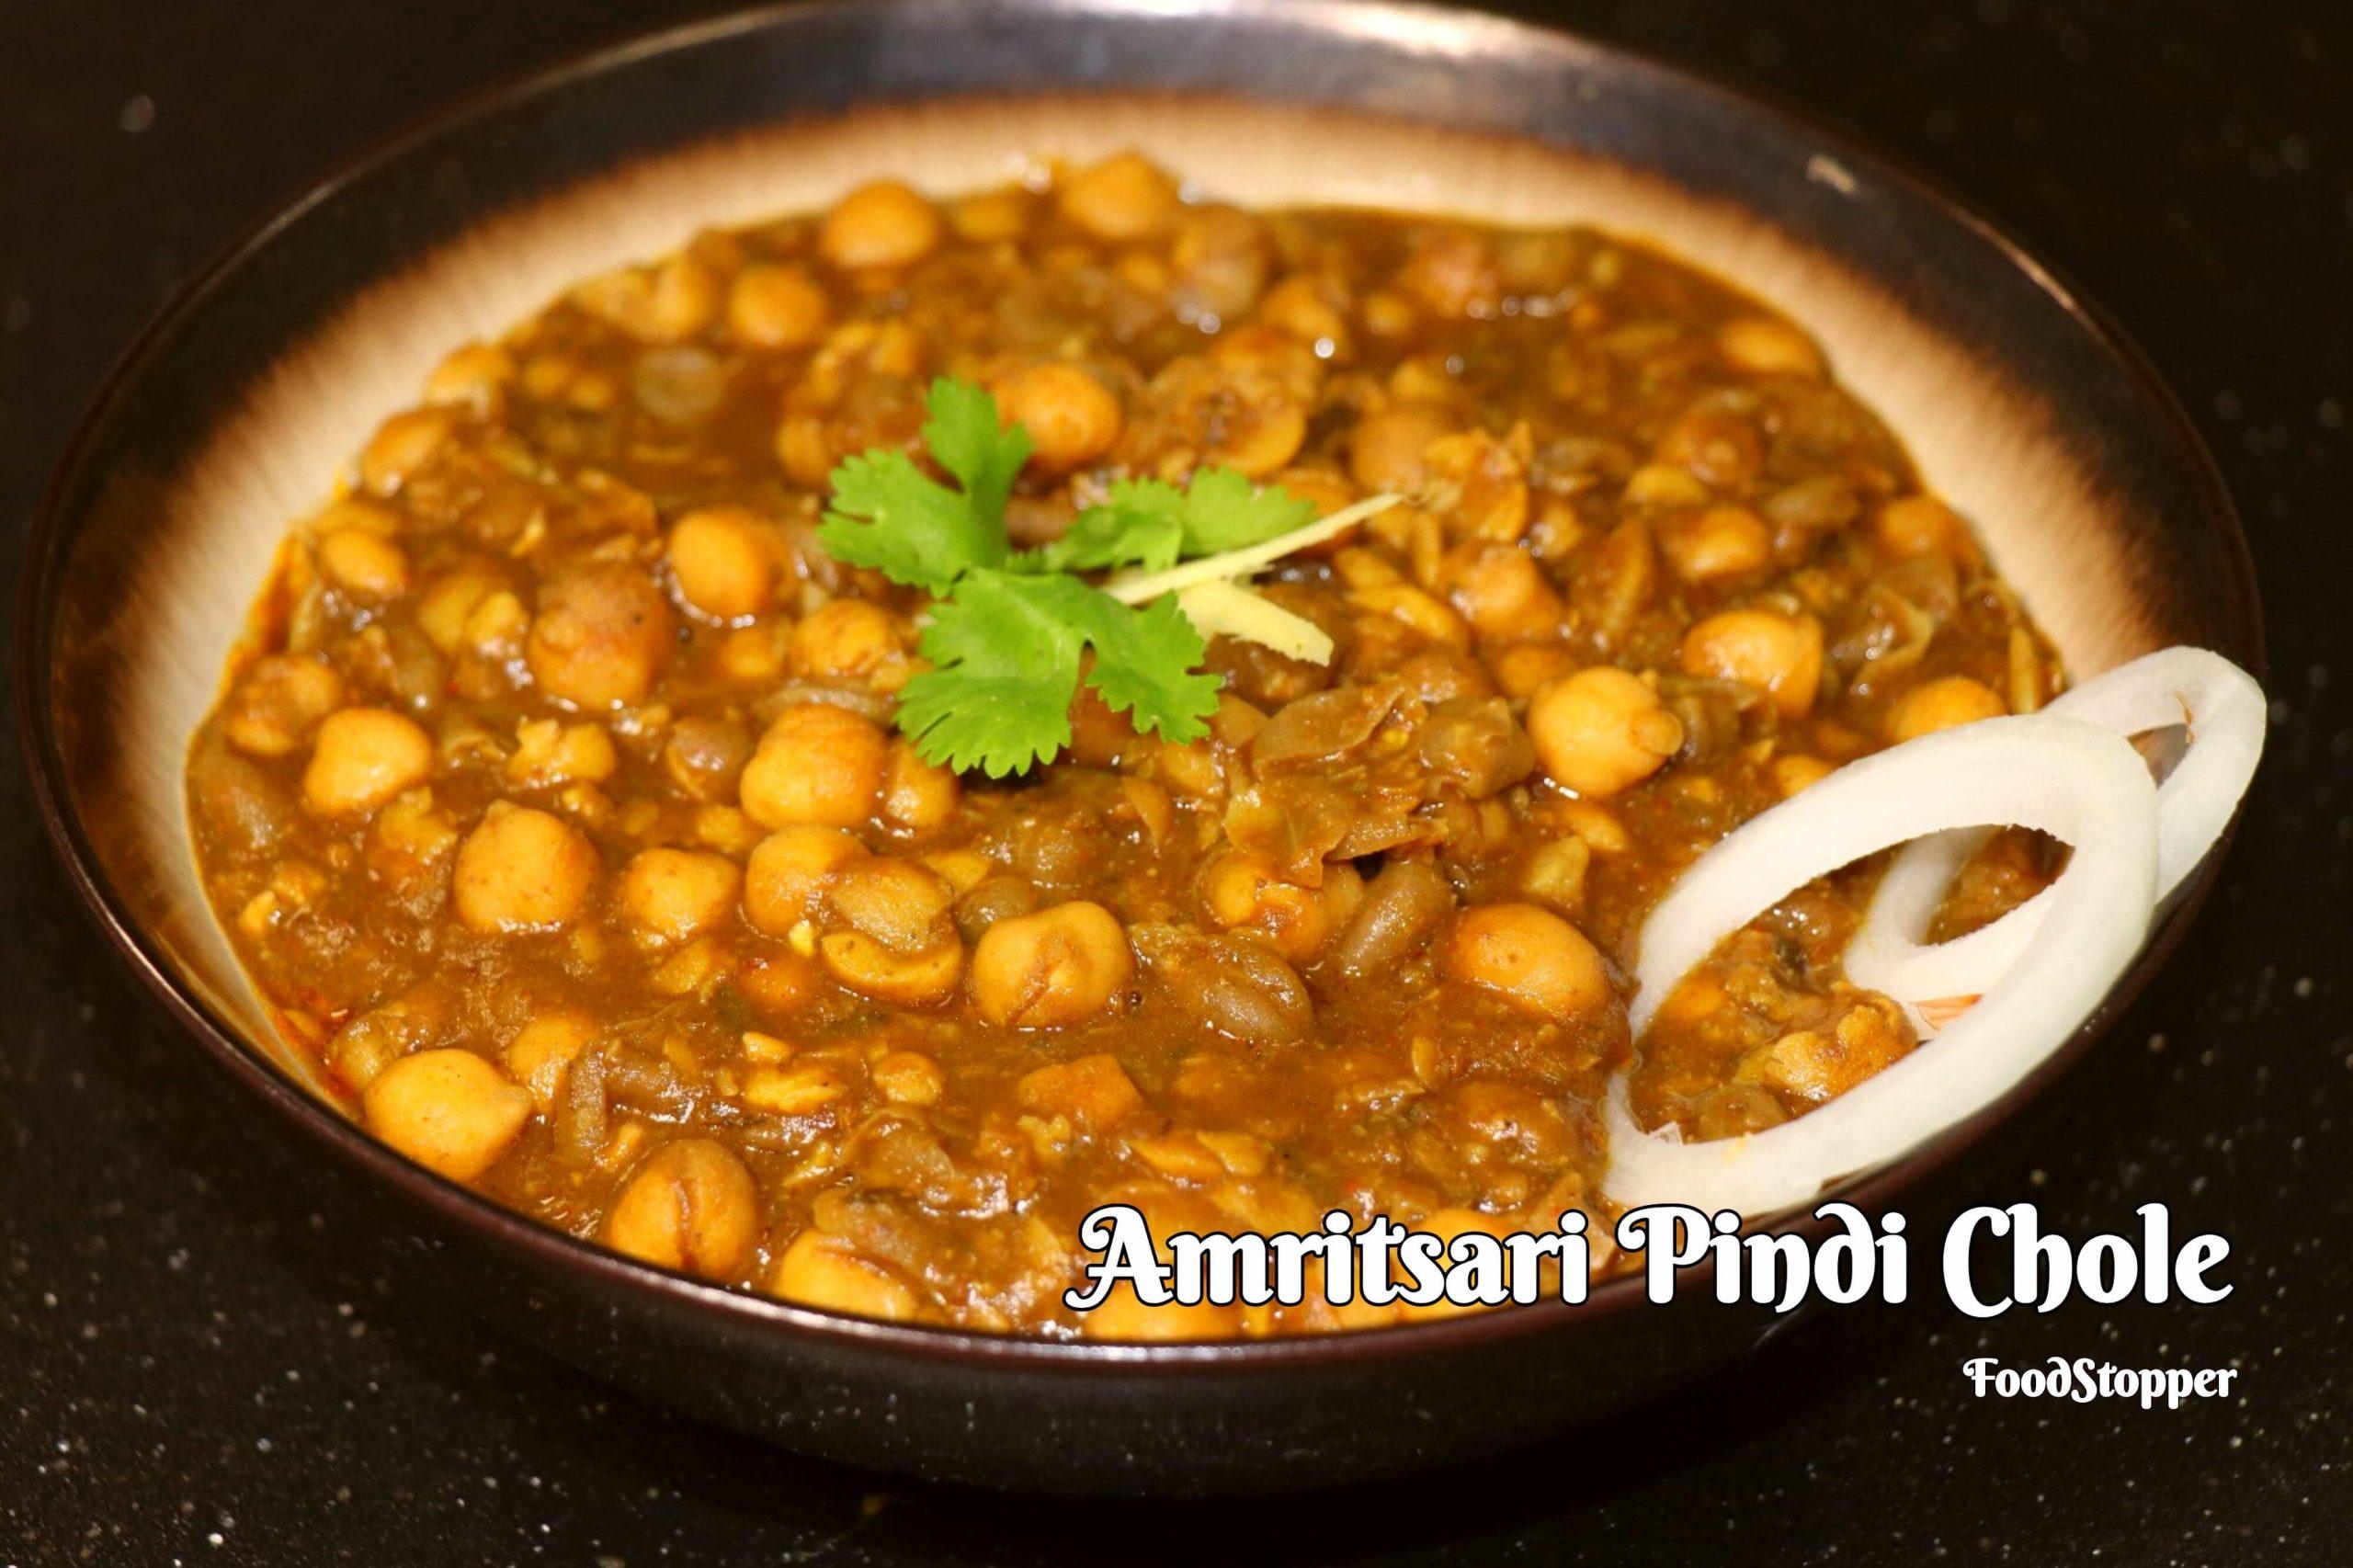 Amritsari Pindi Chole by food stopper